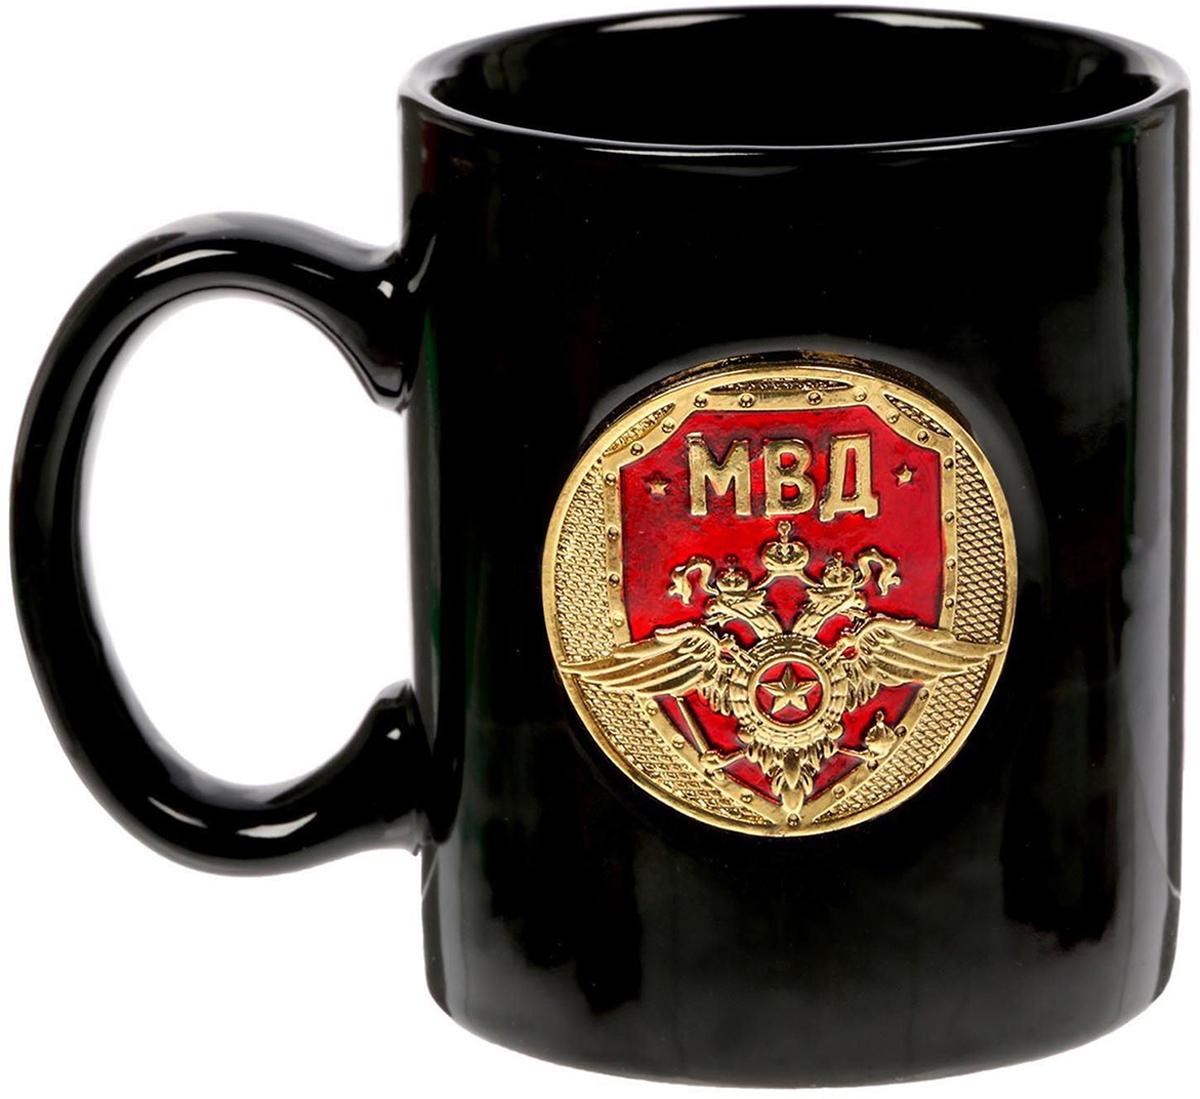 Кружка Sima-Land МВД, 300 мл. 15076851507685Разберись с жаждой по-мужски! Авторский дизайн, оригинальный декор, оптимальный объем - отличительные черты этой кружки. Налейте в нее горячий свежезаваренный кофе или крепкий ароматный чай, и каждый глоток будет сокрушительным ударом по врагам: сонливости, вялости и апатии! Изделие упаковано в подарочную картонную коробку.